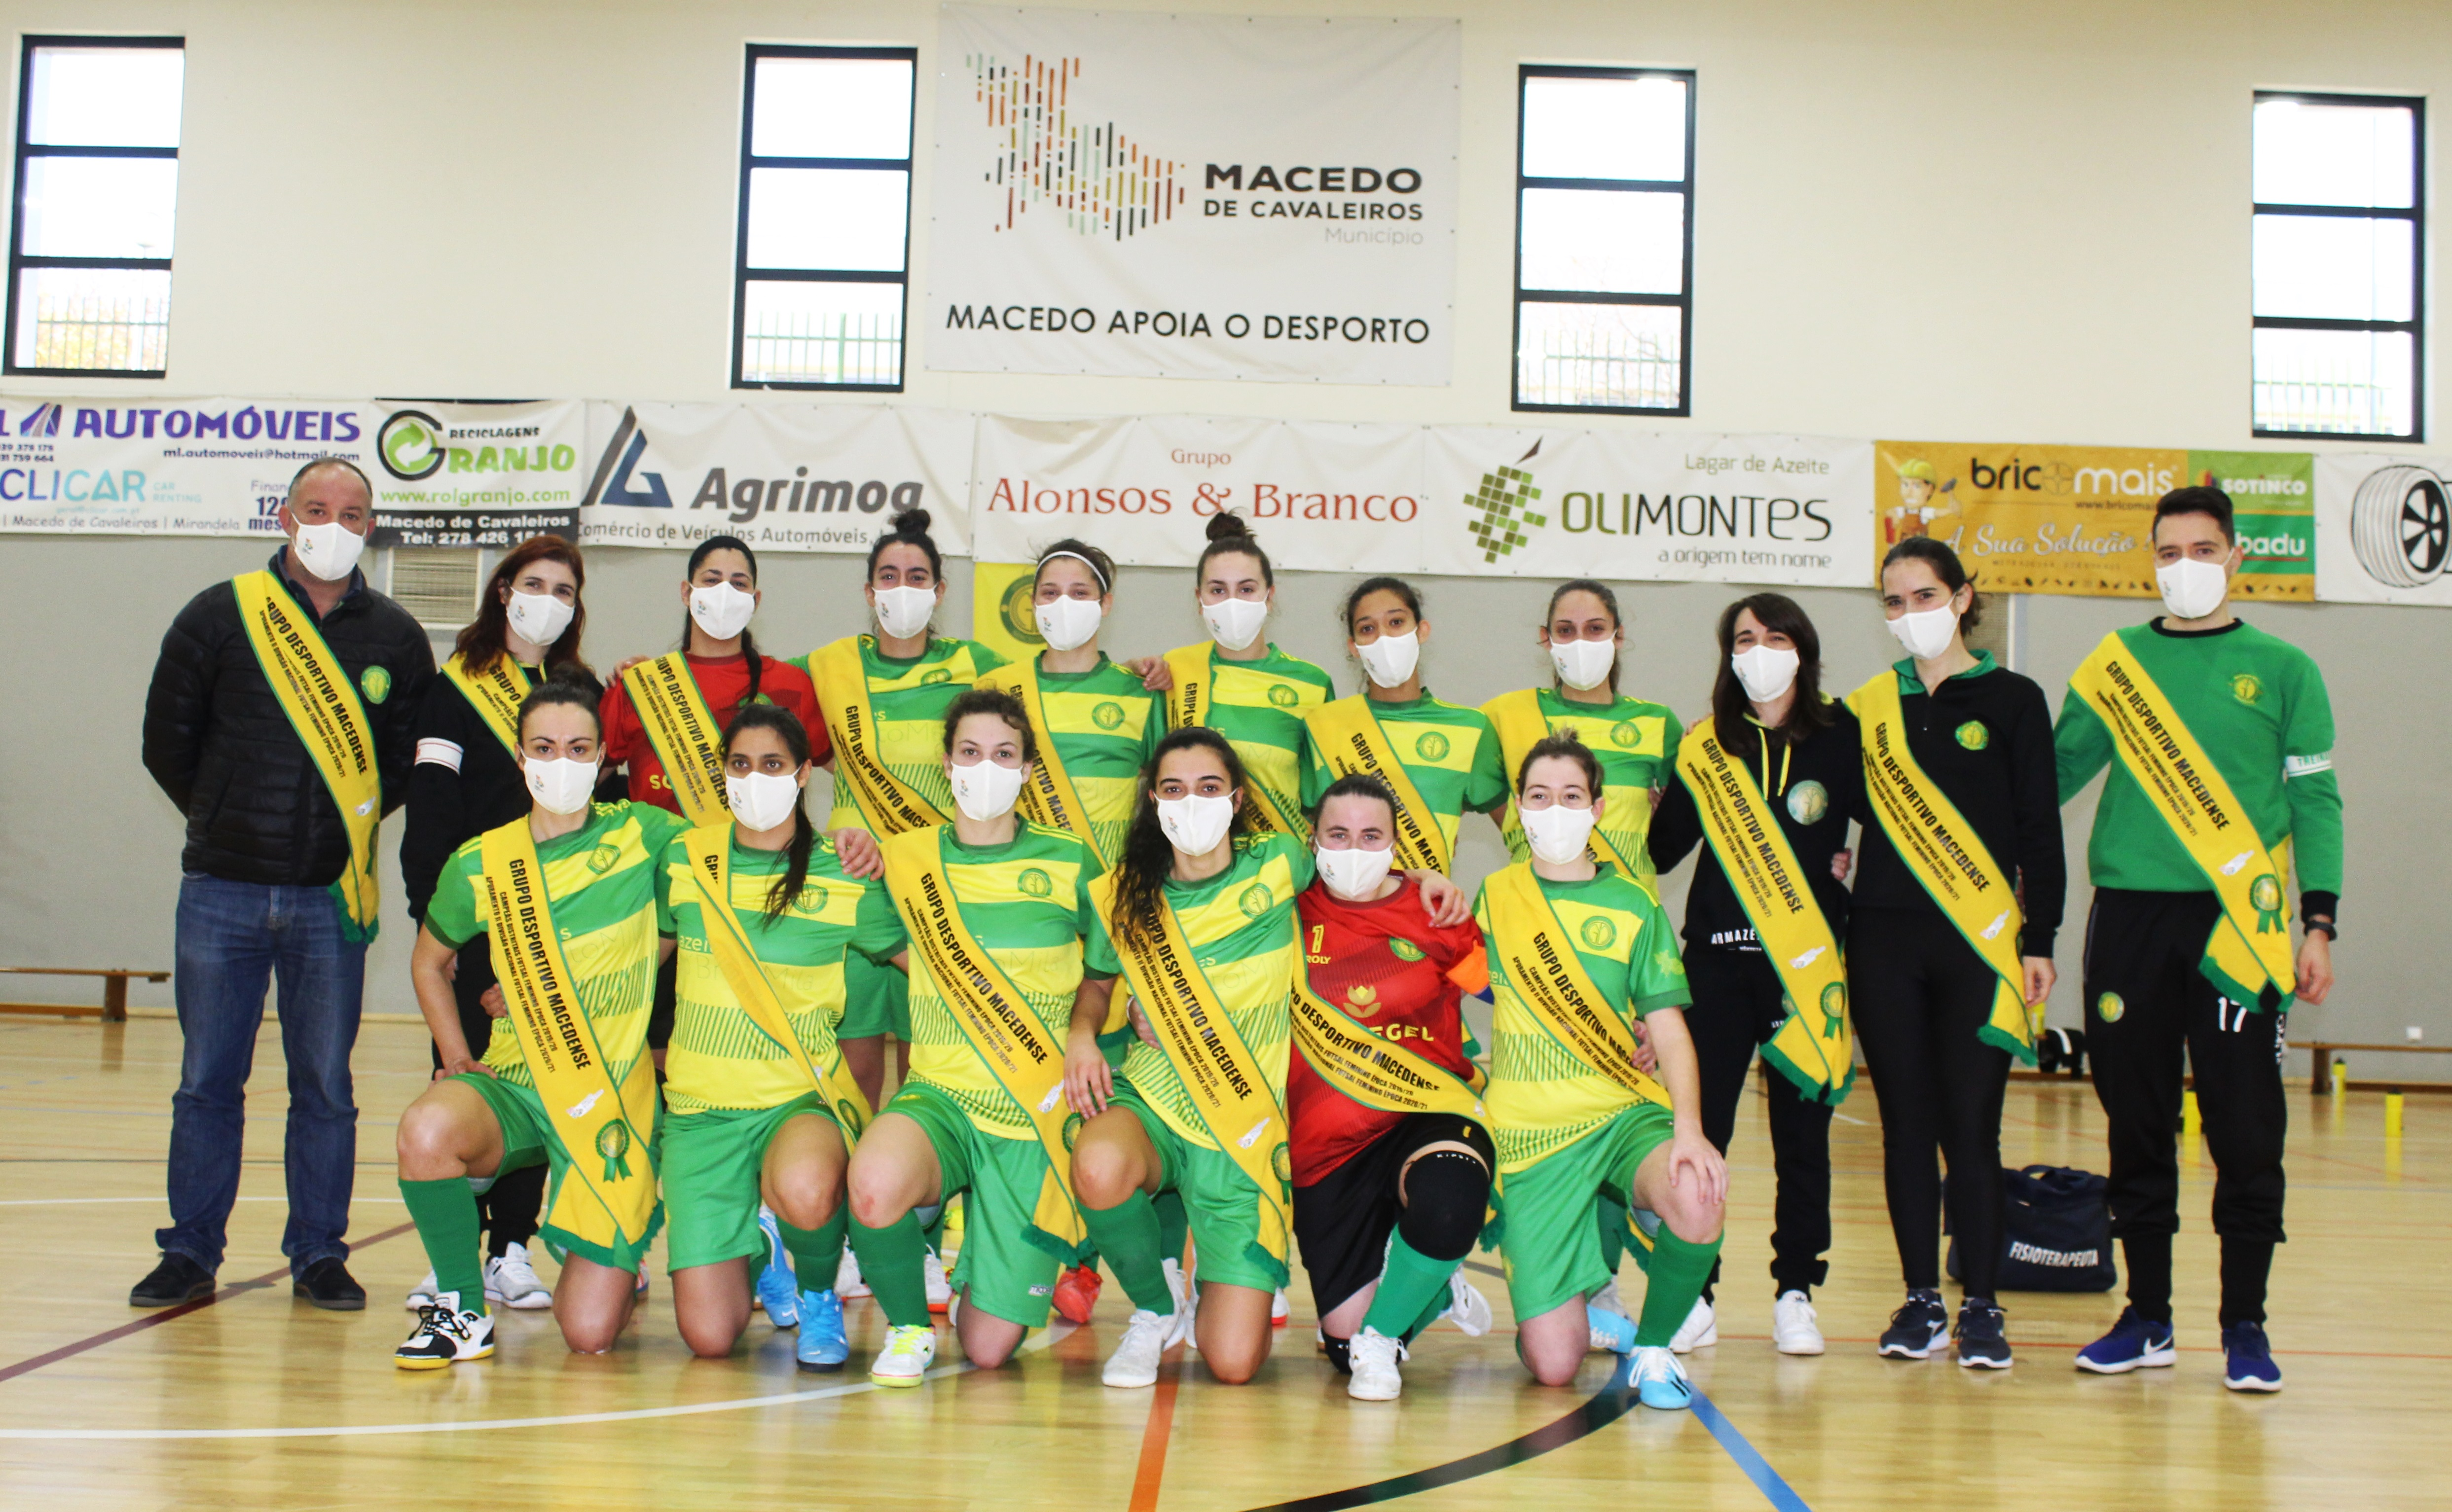 Macedense perde por 6-0 na última jornada da Taça Nacional de Futsal Feminino